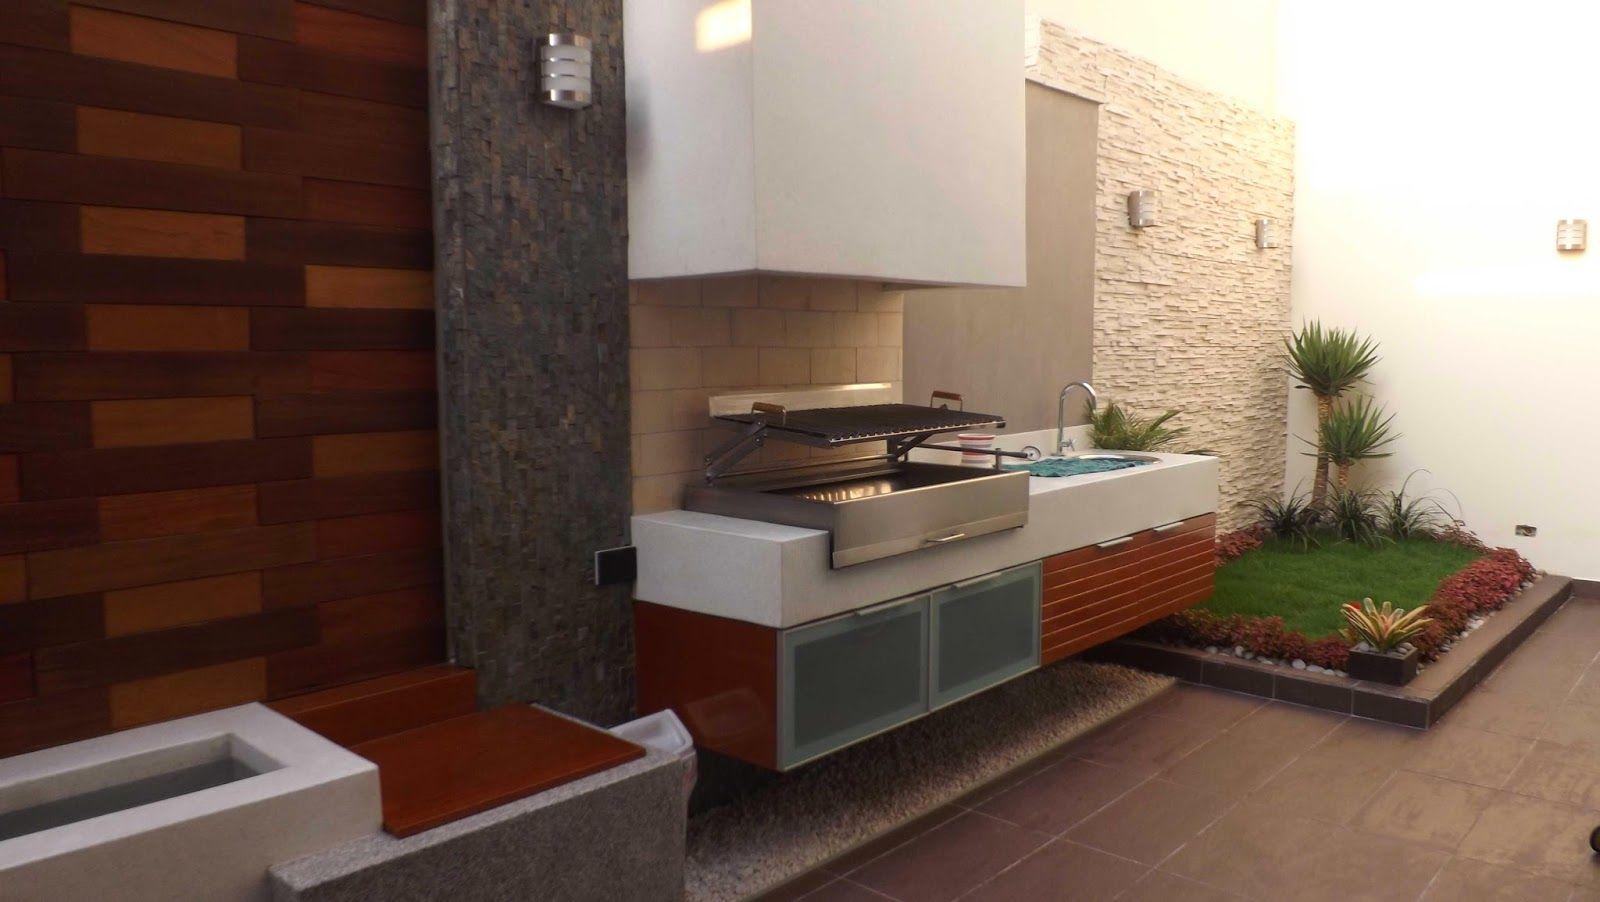 Disenos de parrilla parrilla en terraza de primer piso for Disenos de terrazas de madera